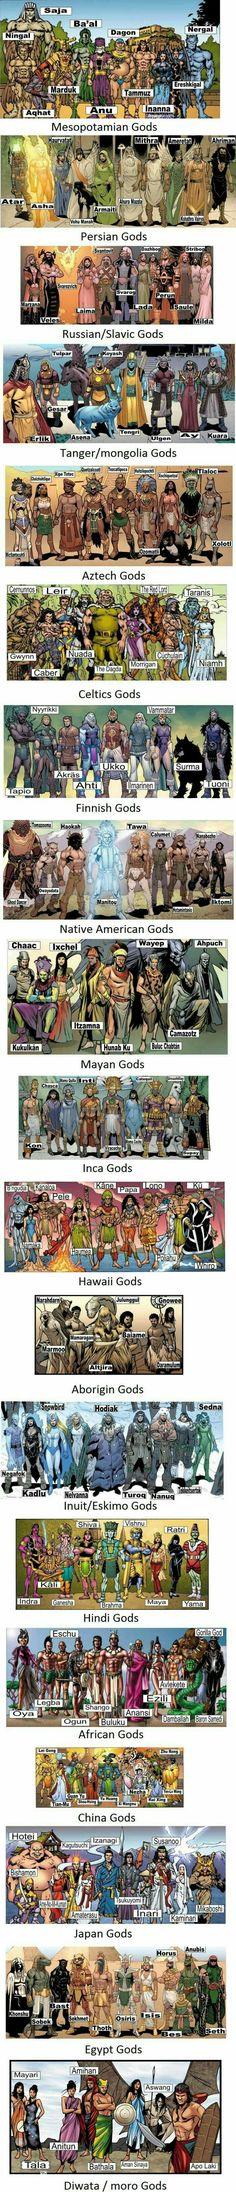 Facts curiosities Deities myths culture